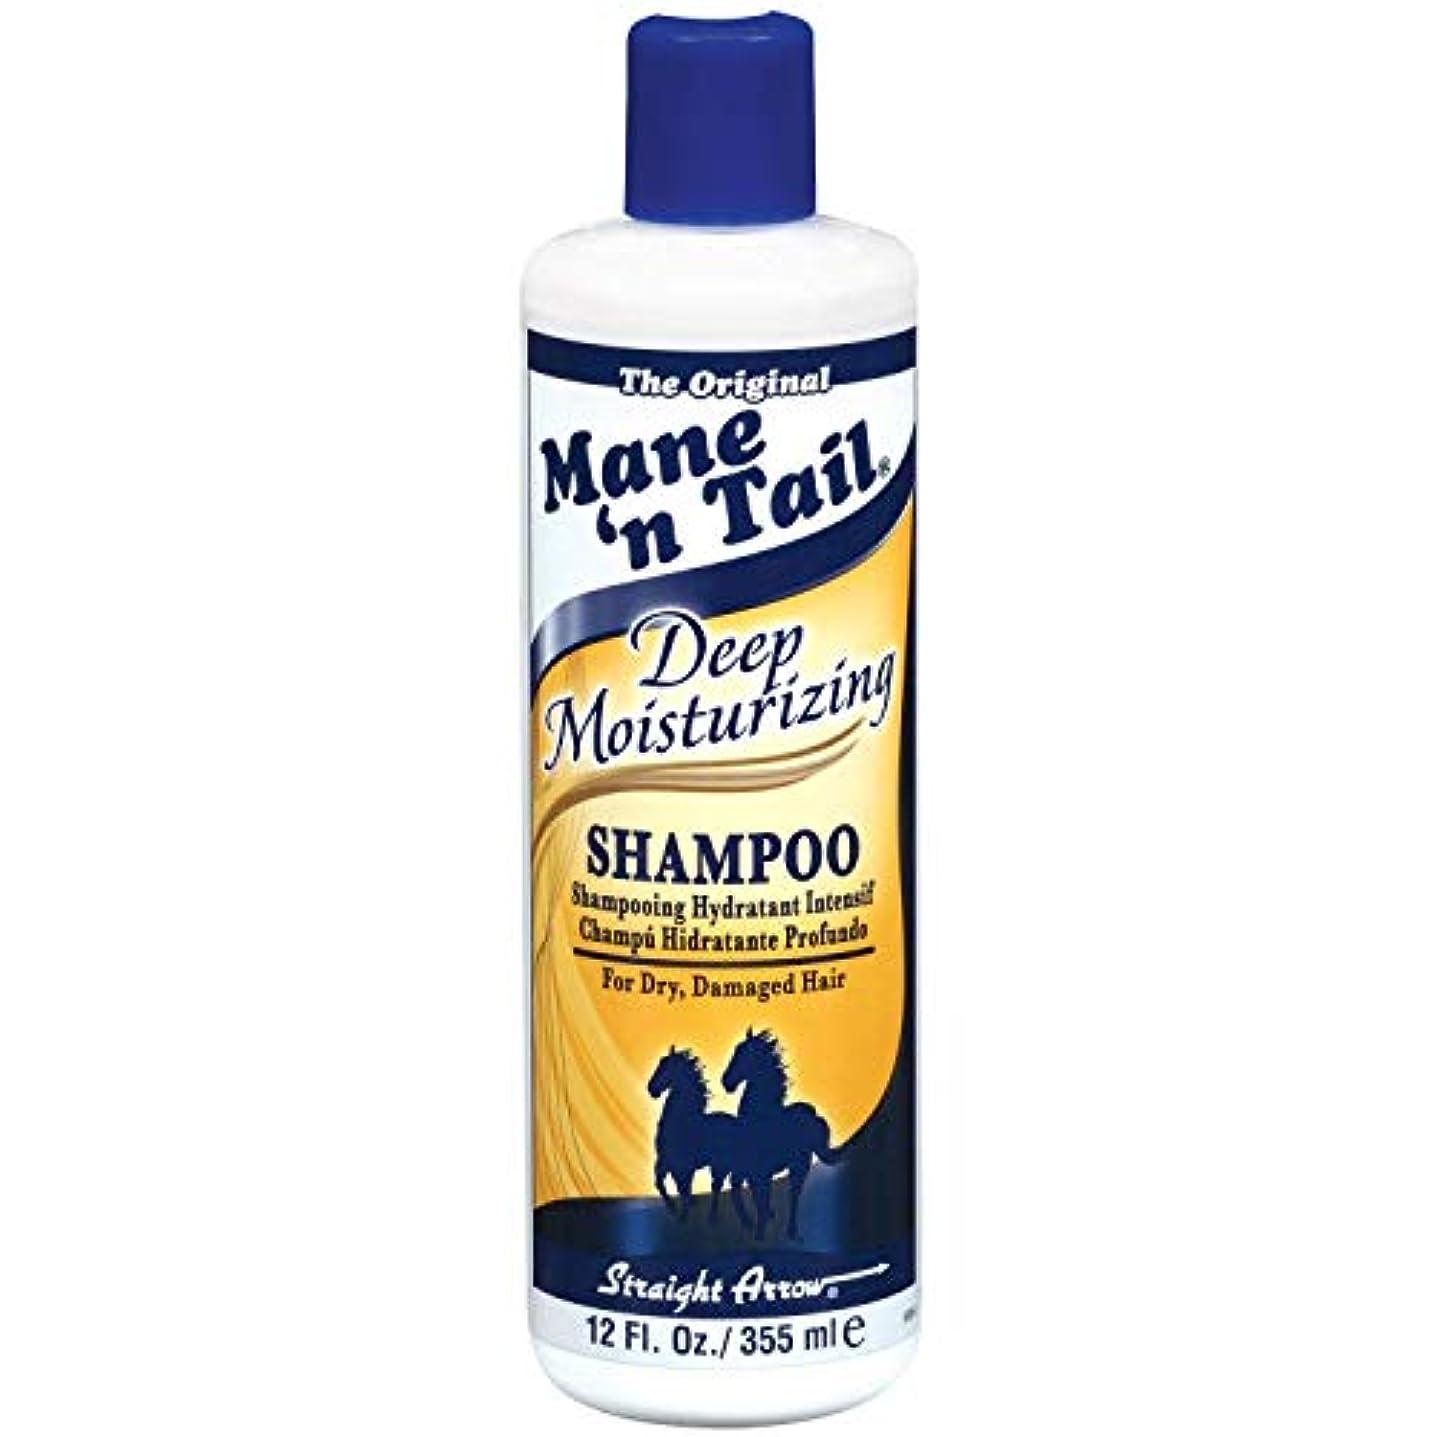 トライアスロン正しく博物館(馬のたてがみ メインテイル ディープ モイスチャライジング 乾燥髪?傷んだ髪用 シャンプー)Mane'n Tail Deep Moisturizing Shampoo (並行輸入品) [並行輸入品]